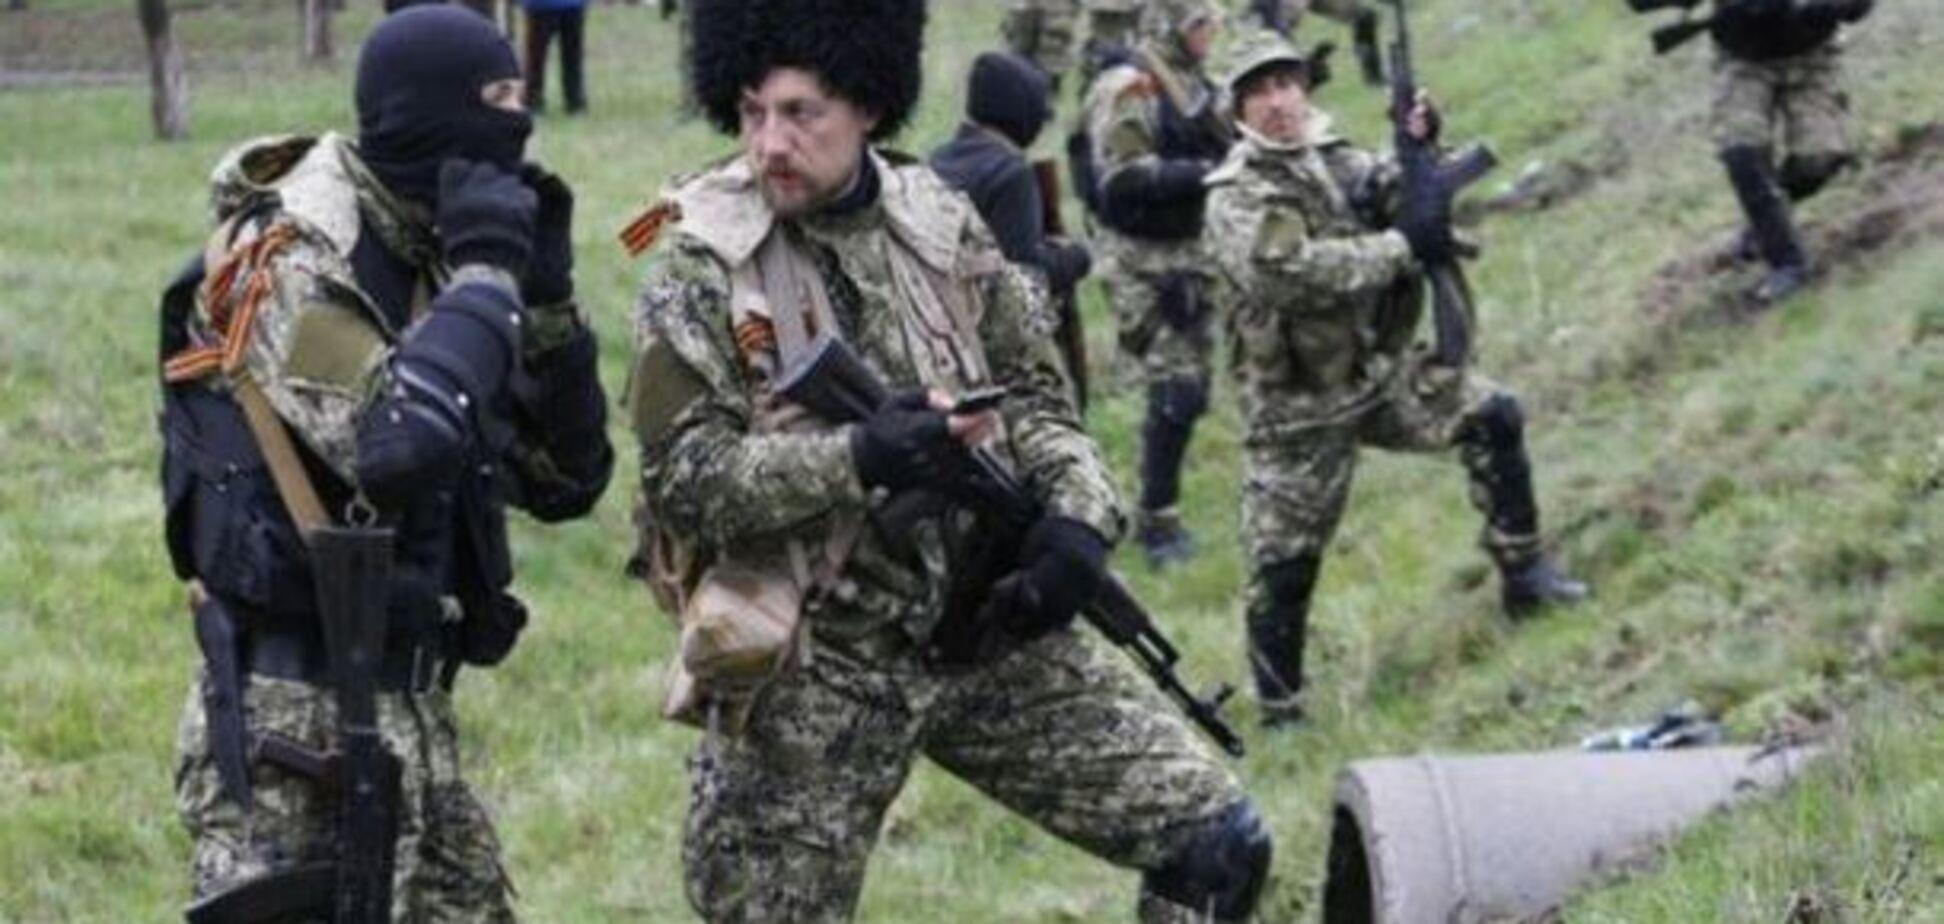 Забули про перемир'я: в штабі АТО розповіли про провокації терористів на Донбасі